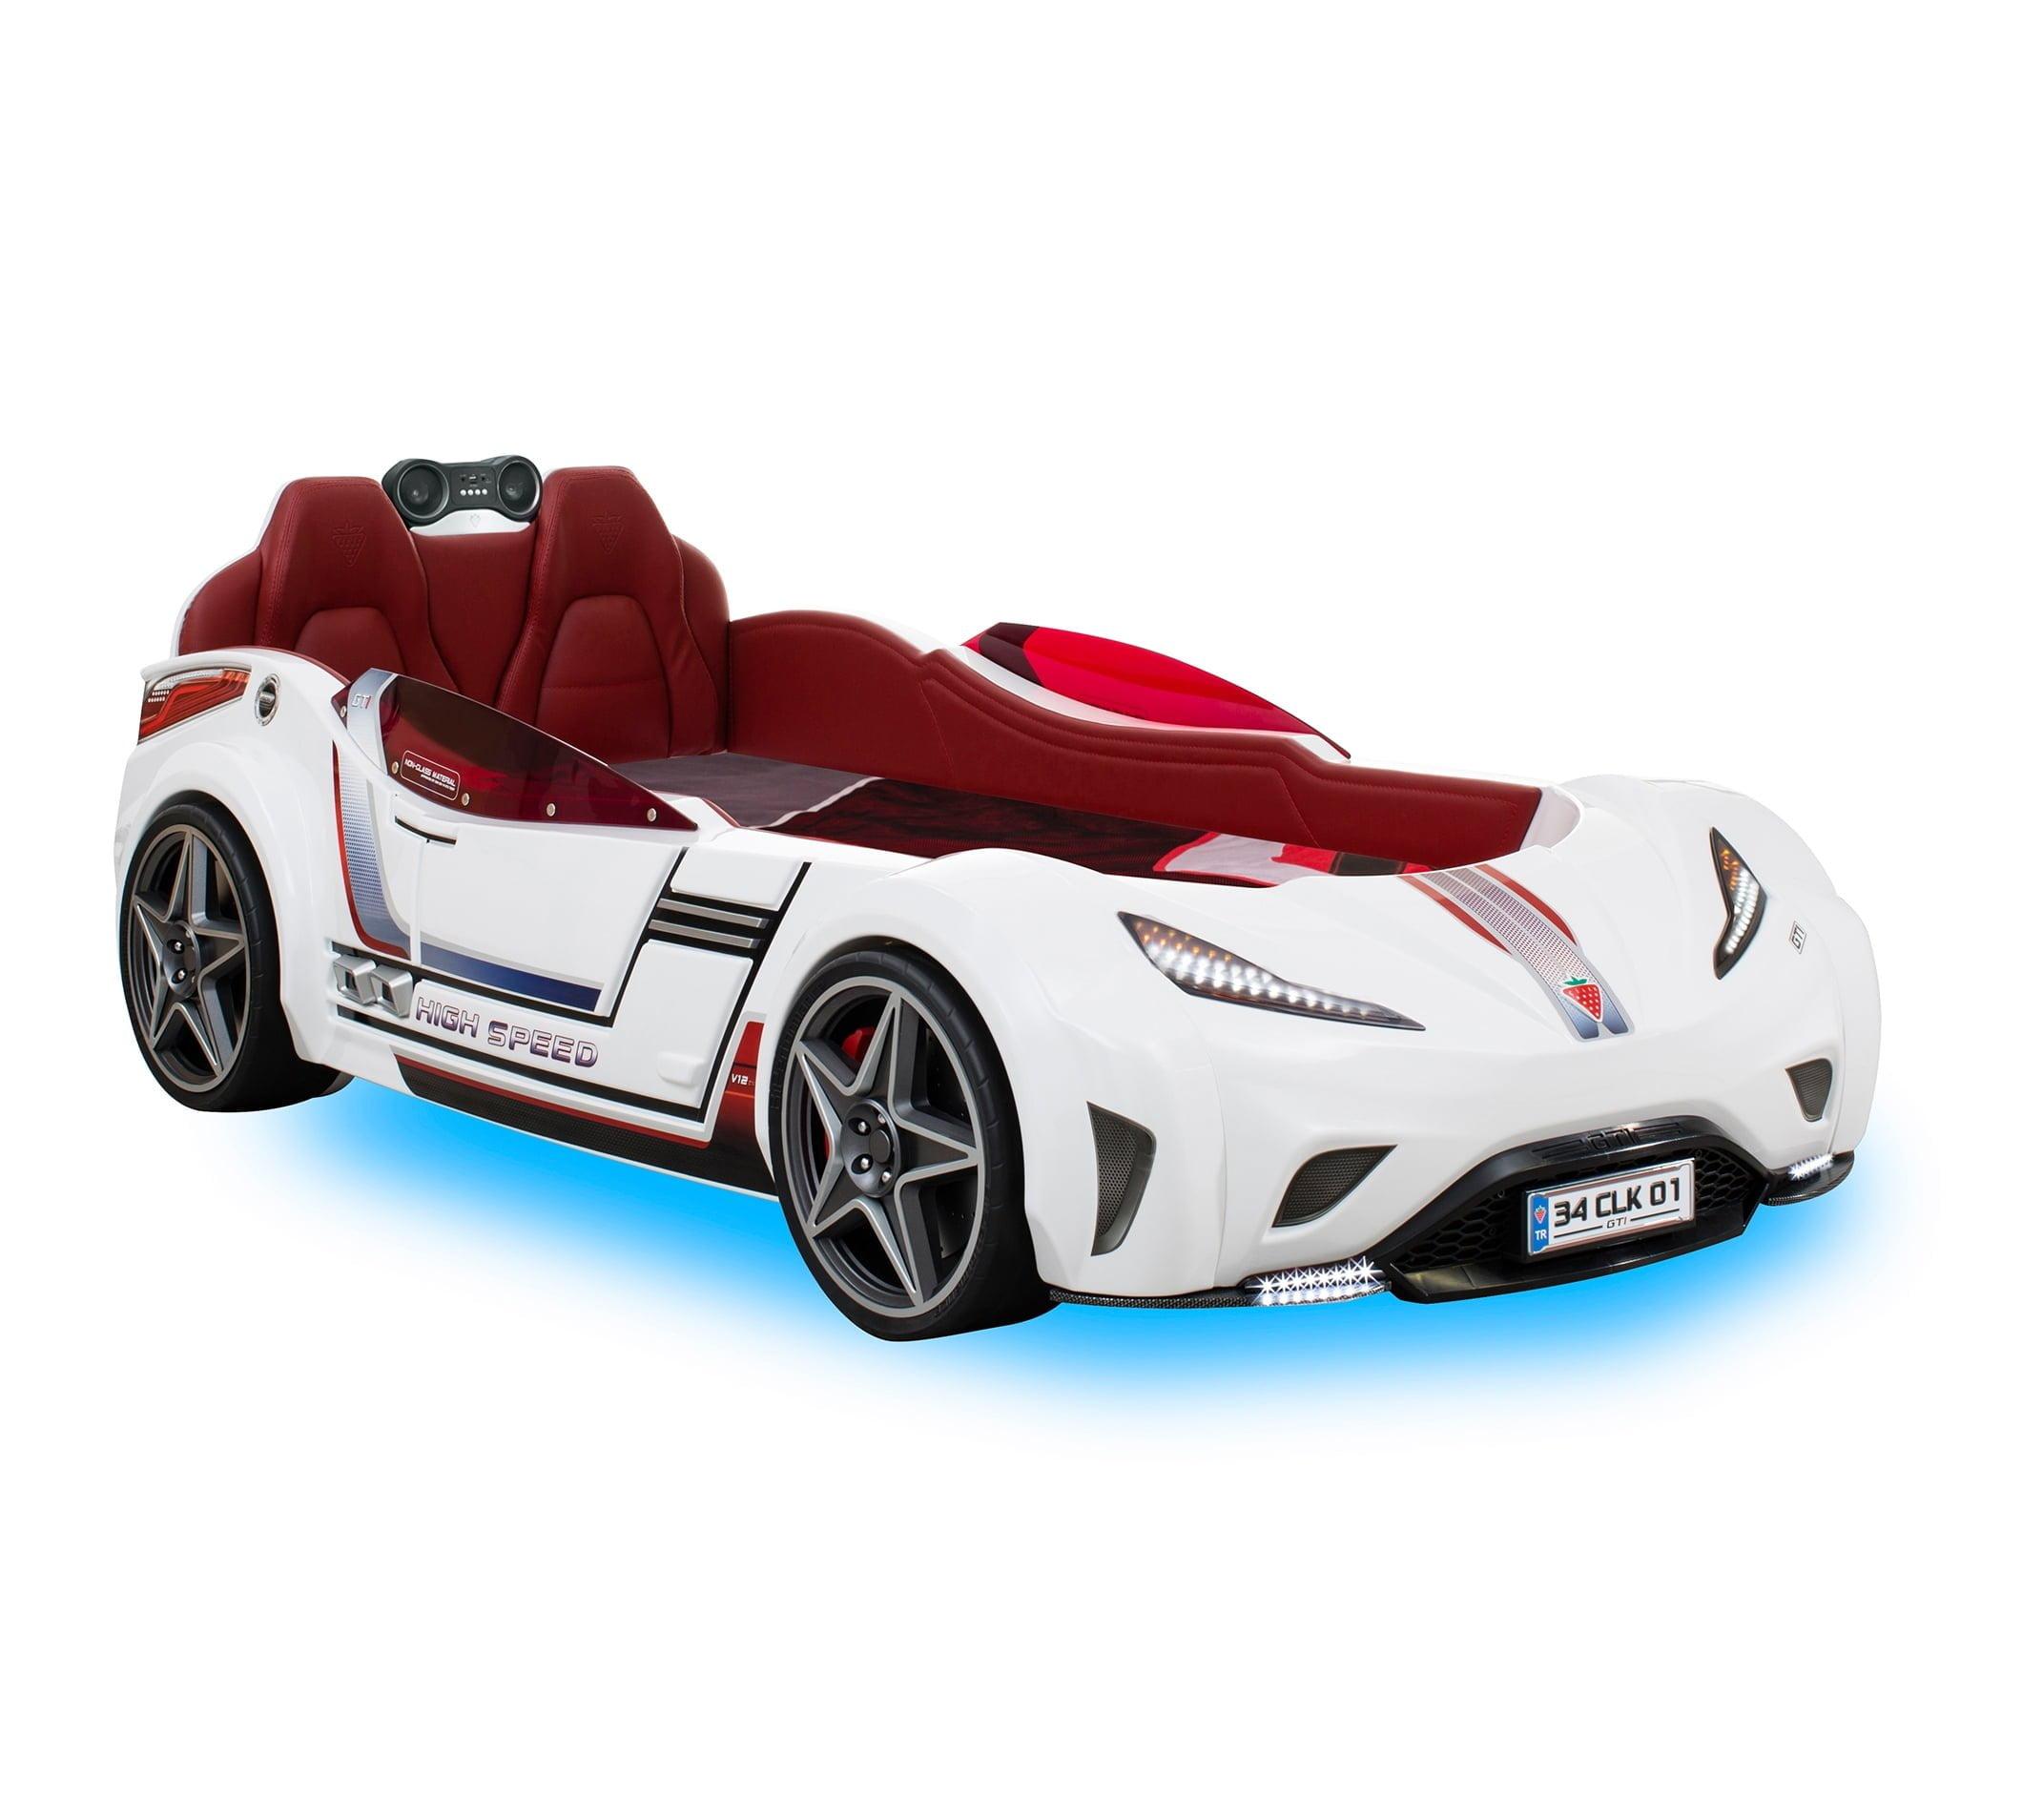 cilek-mobilya-gti-araba-karyola-beyaz Çilek mobilya araba karyola modelleri